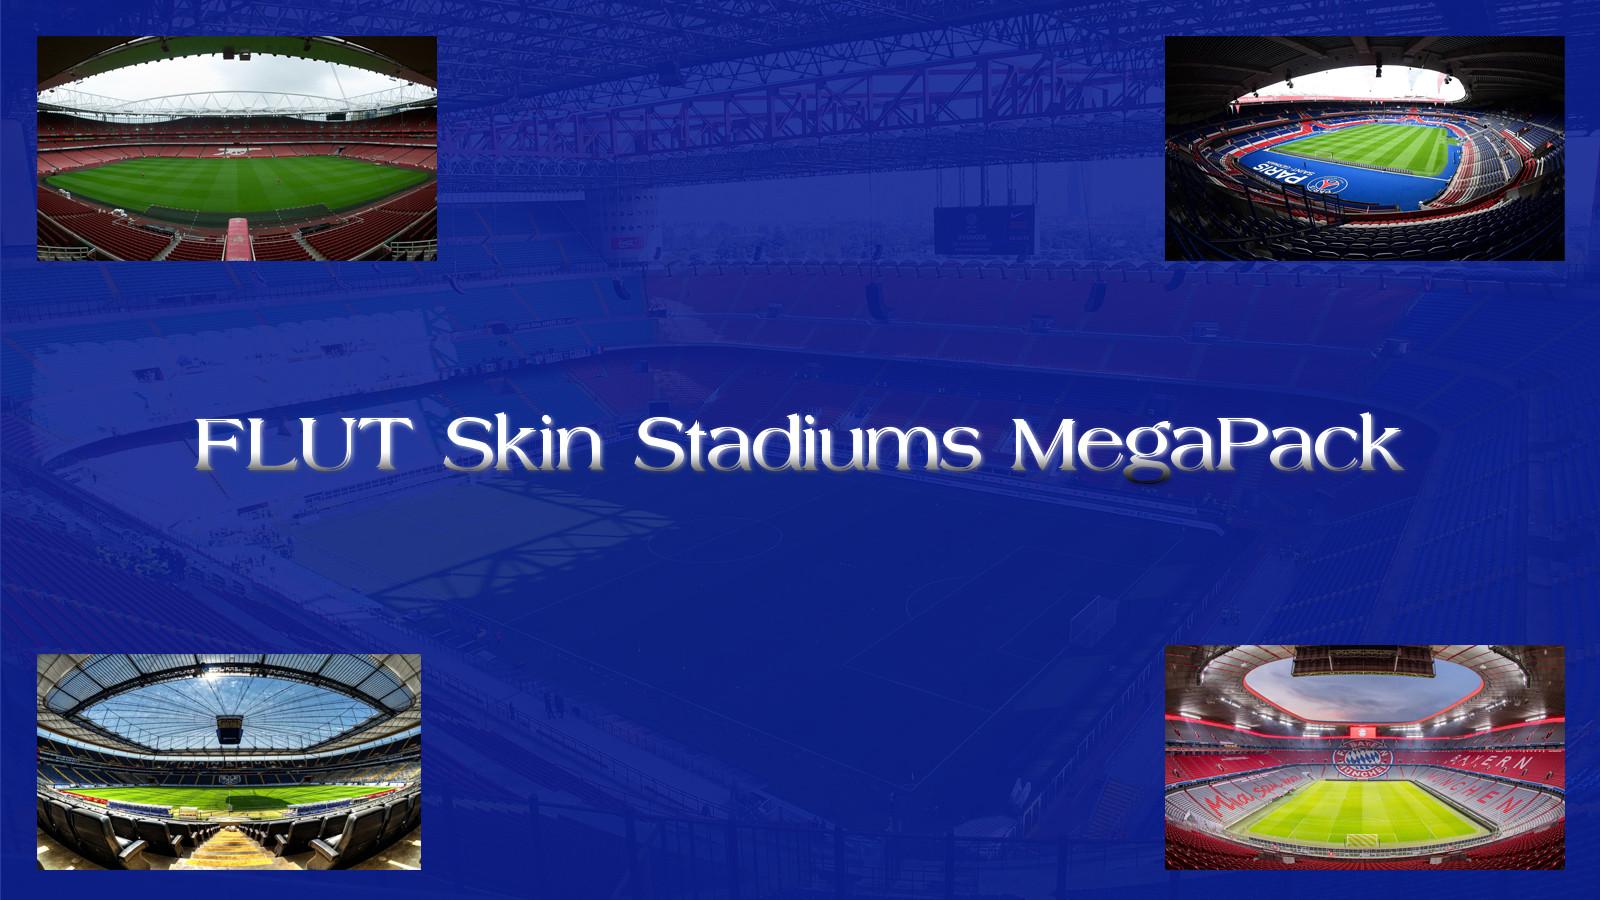 FM 2020 Misc Graphics - FM20 Stadiums Megapack // Backgrounds for Flut Skins